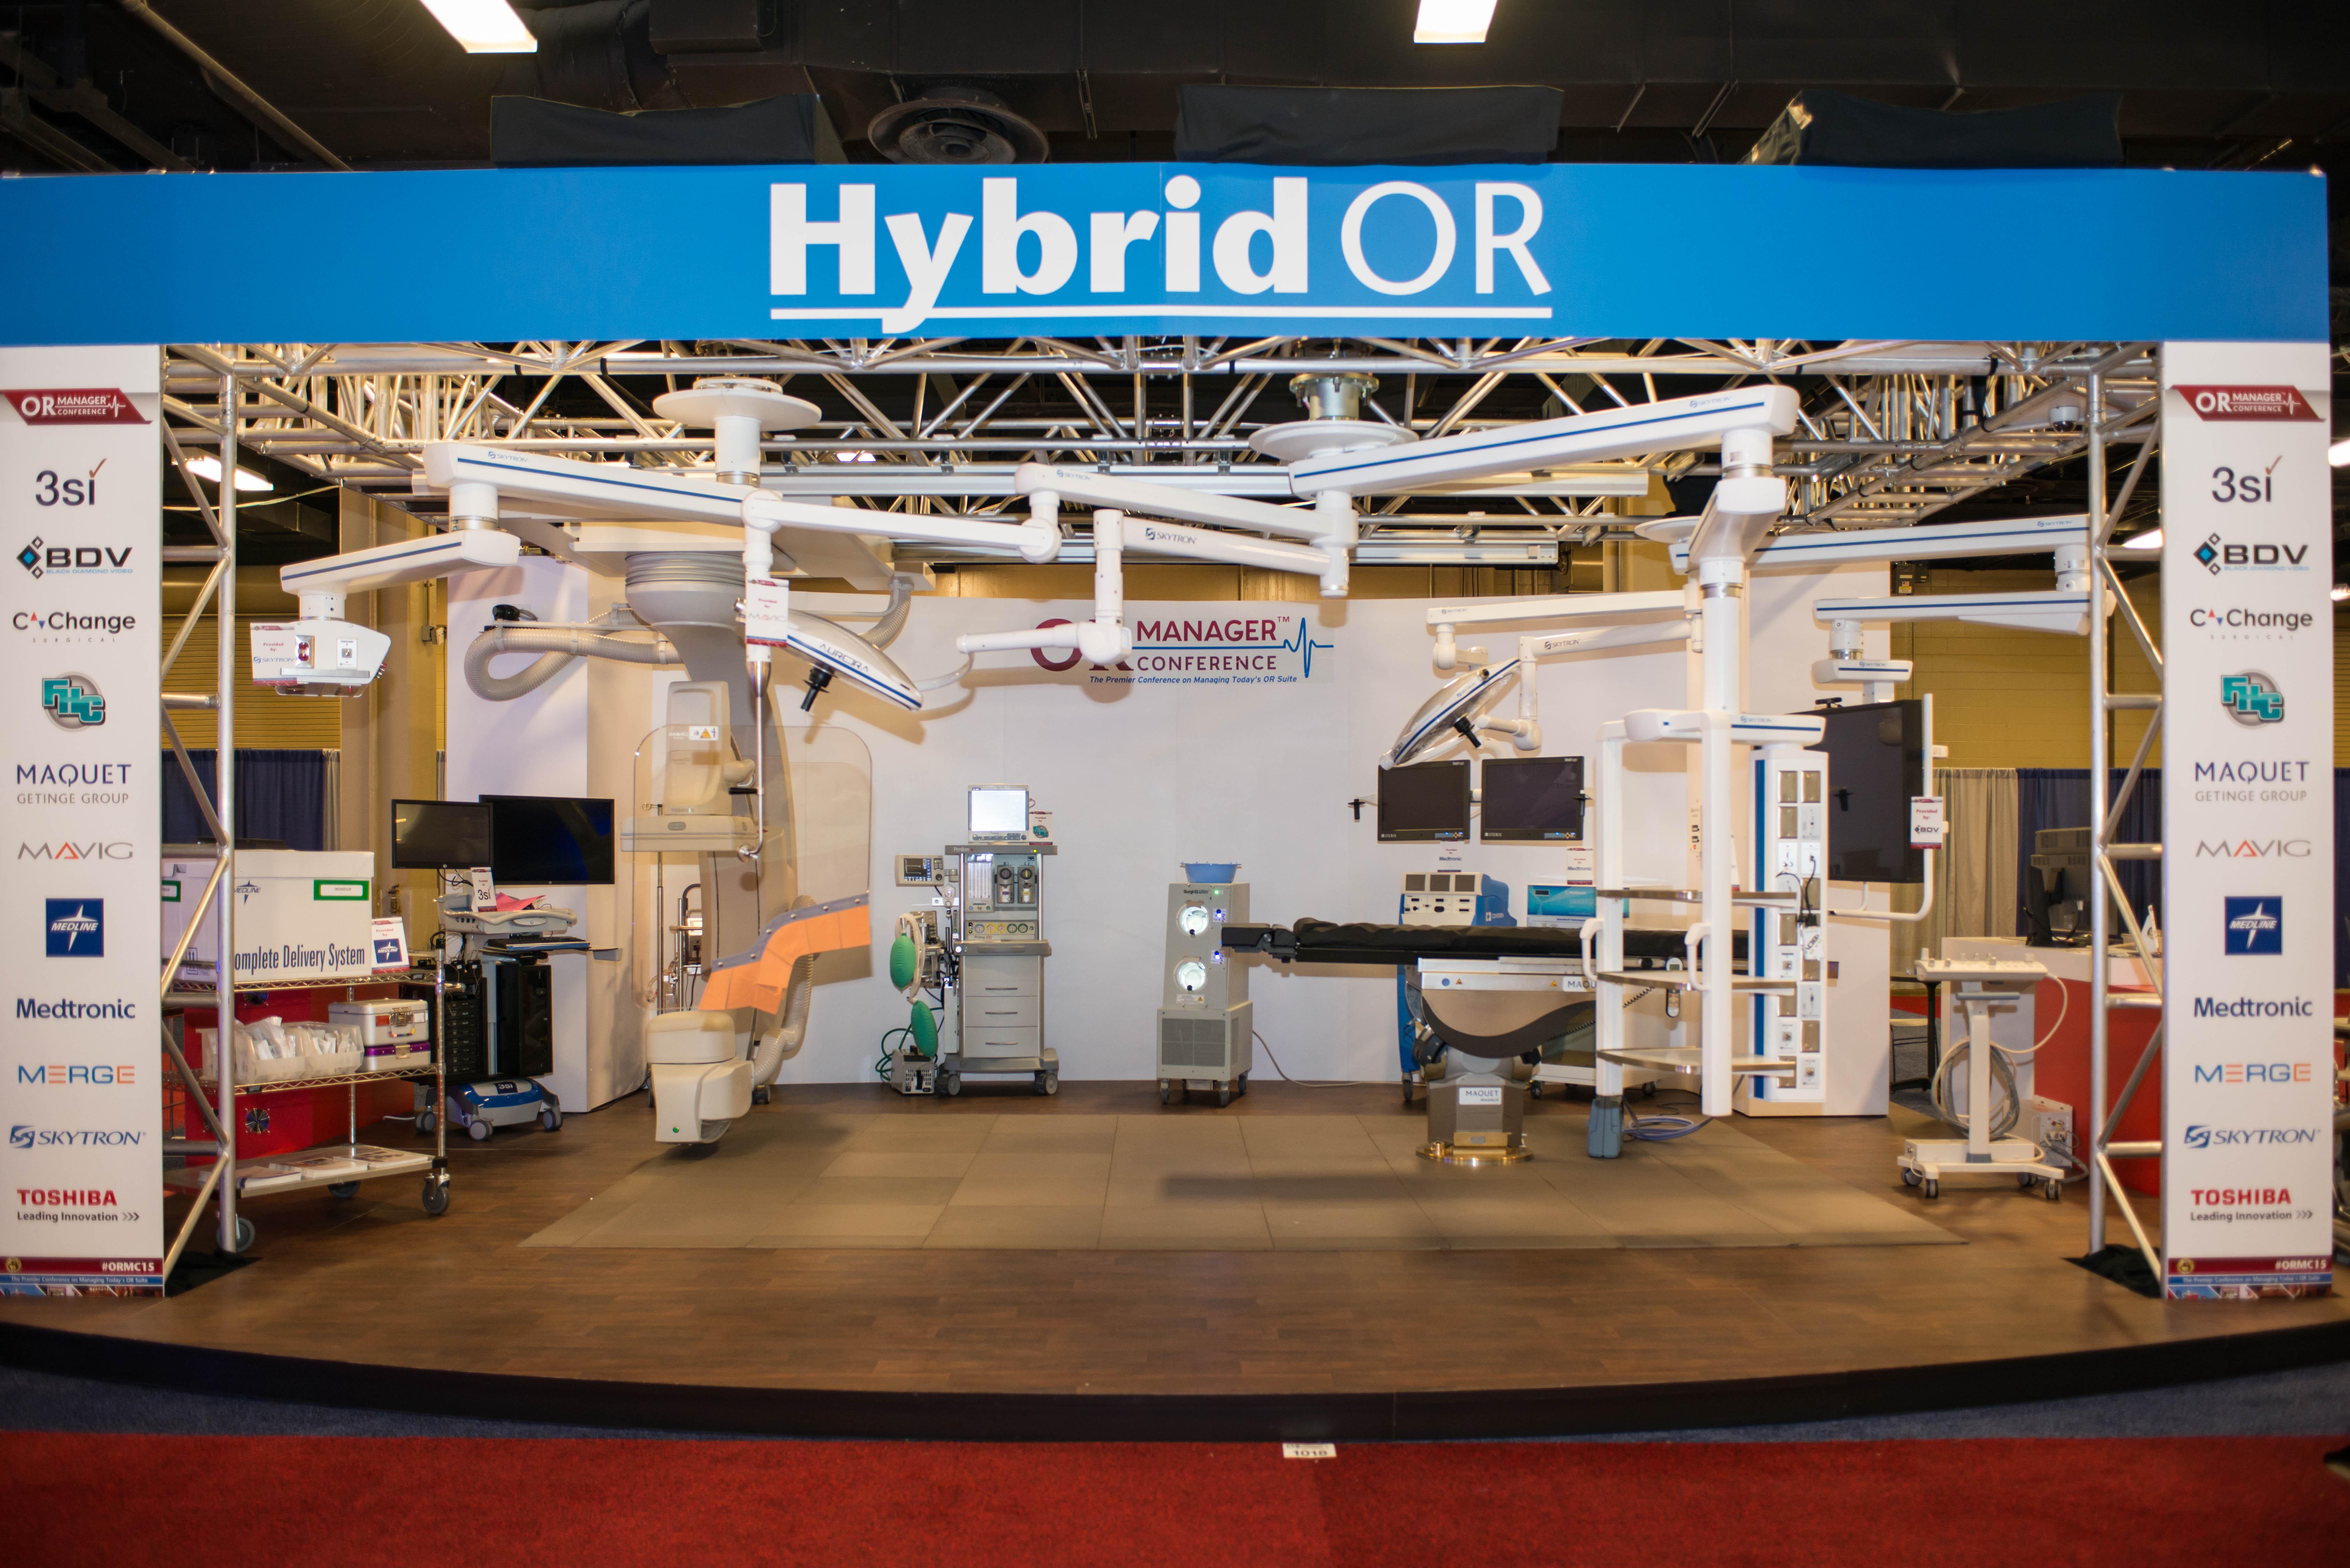 Hybrid OR